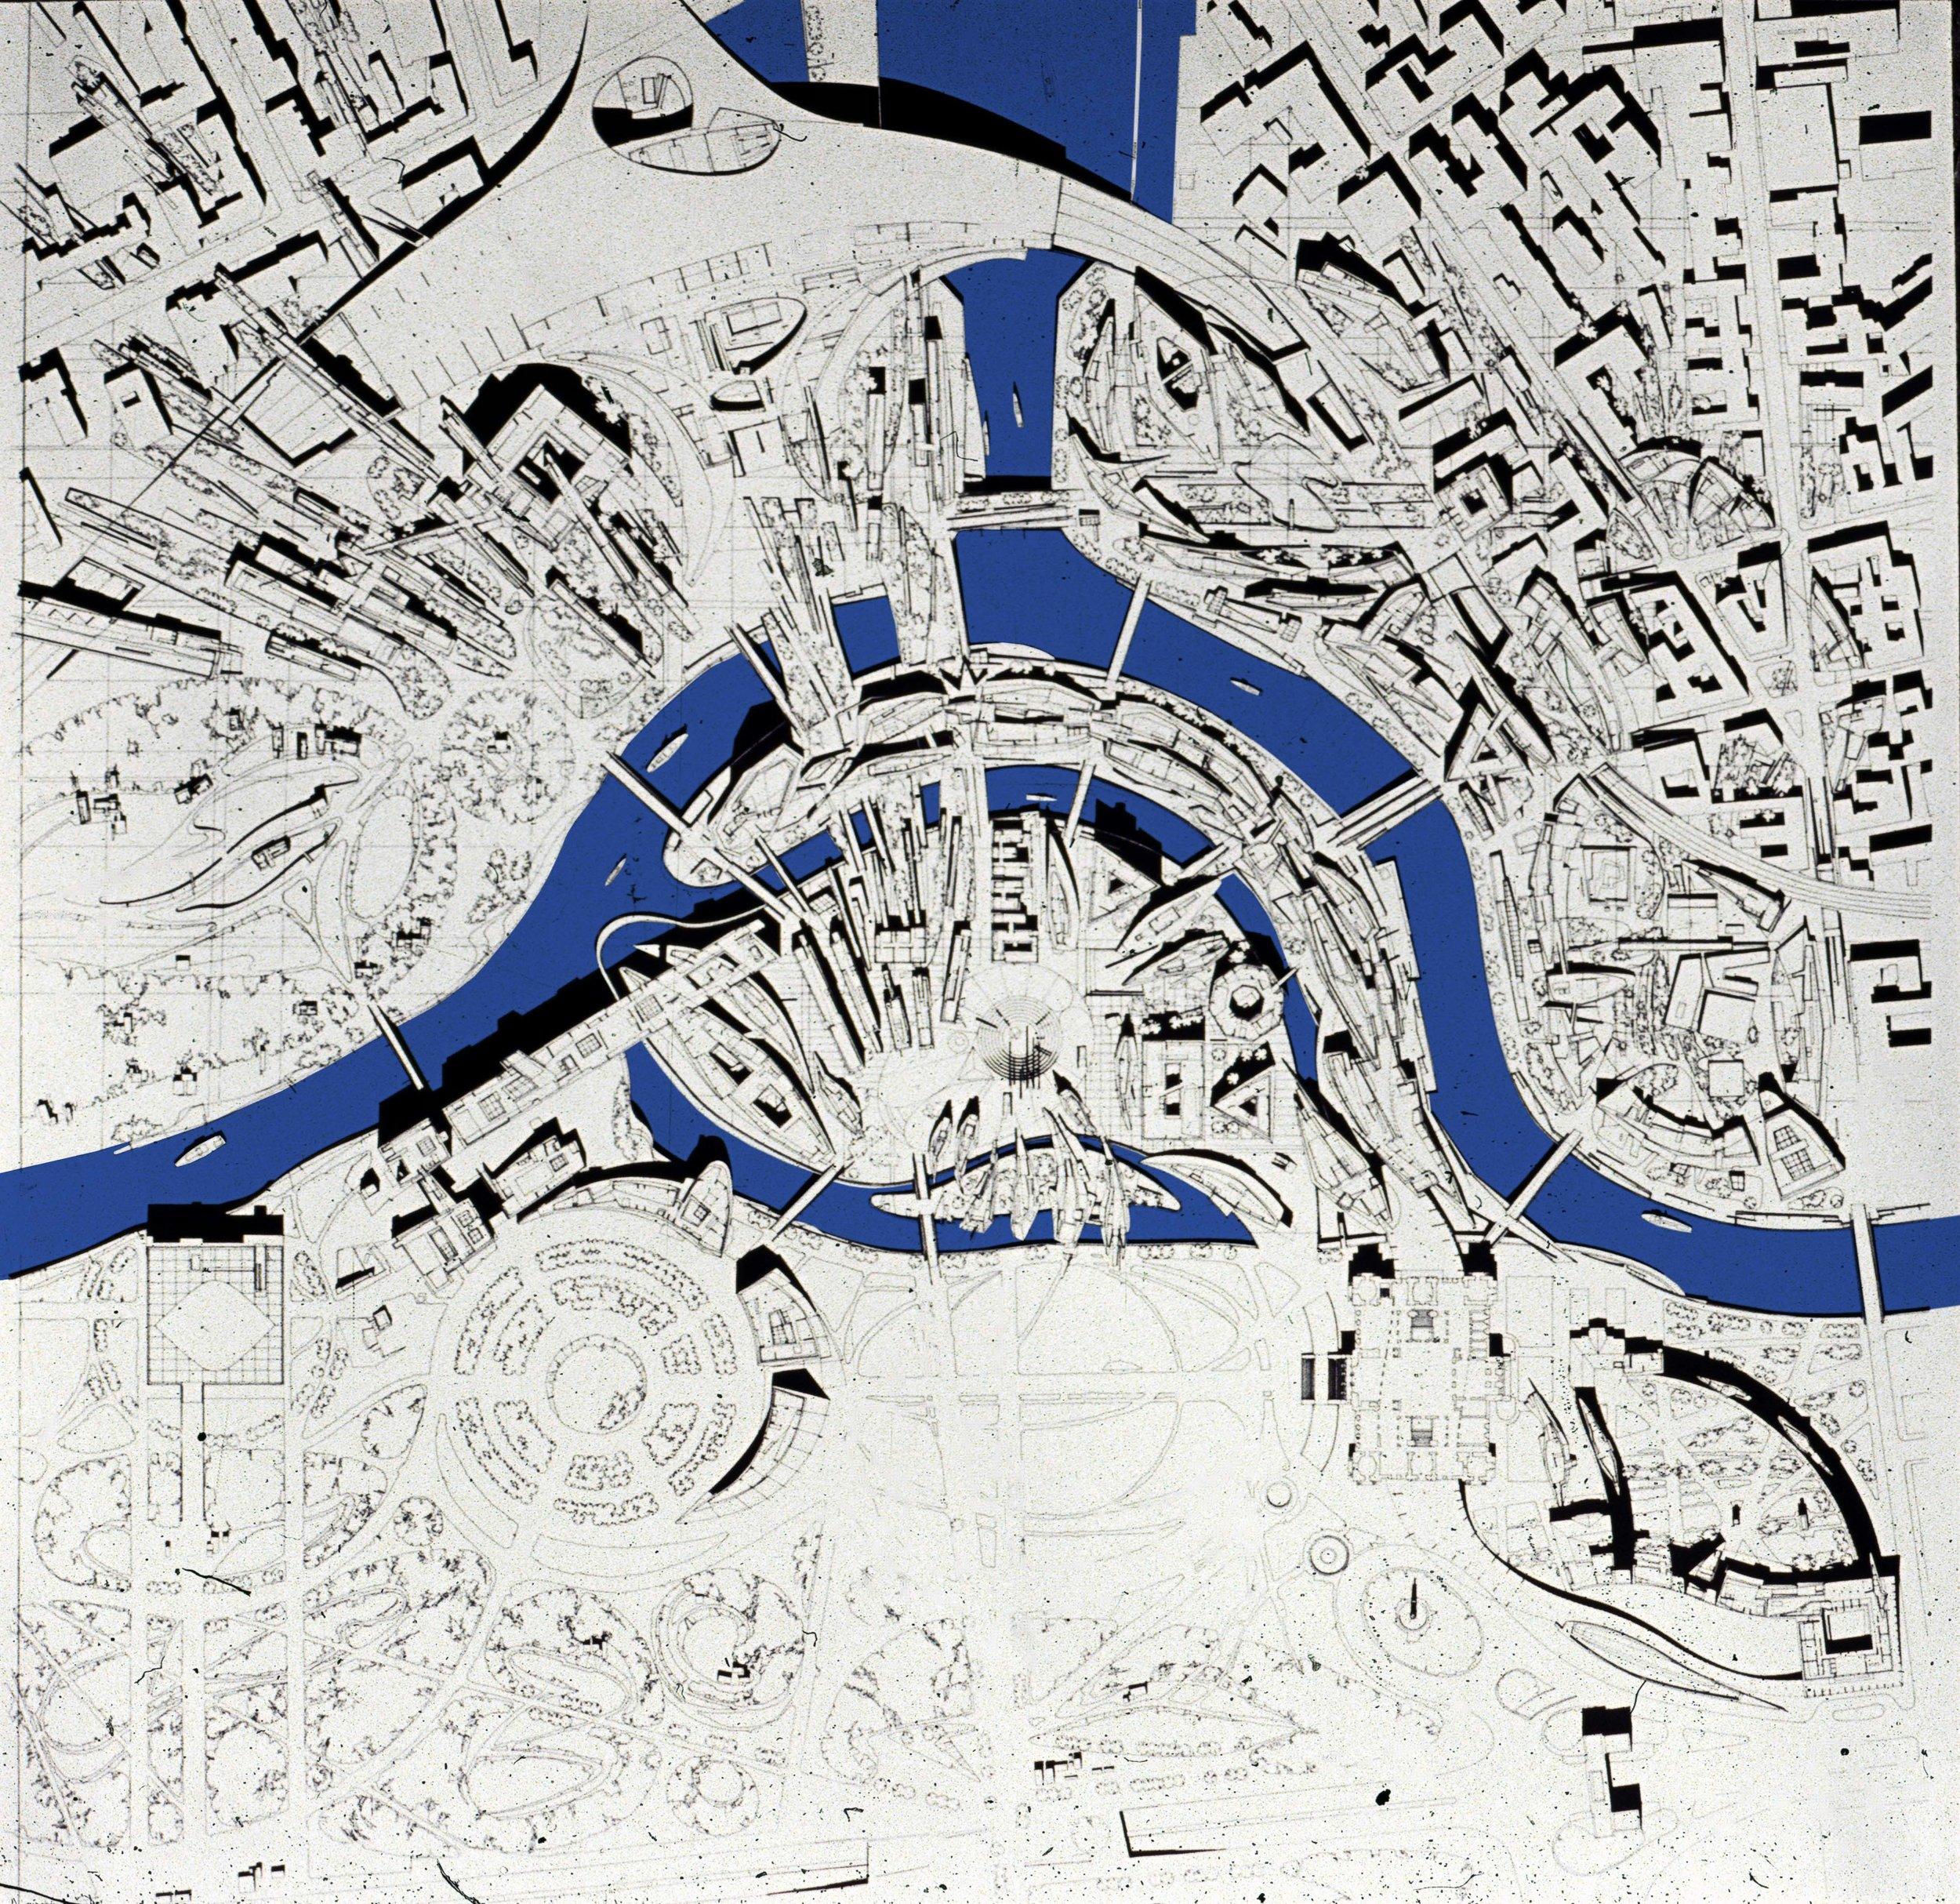 Spreebogen_Plan_BW _W blue water.jpg